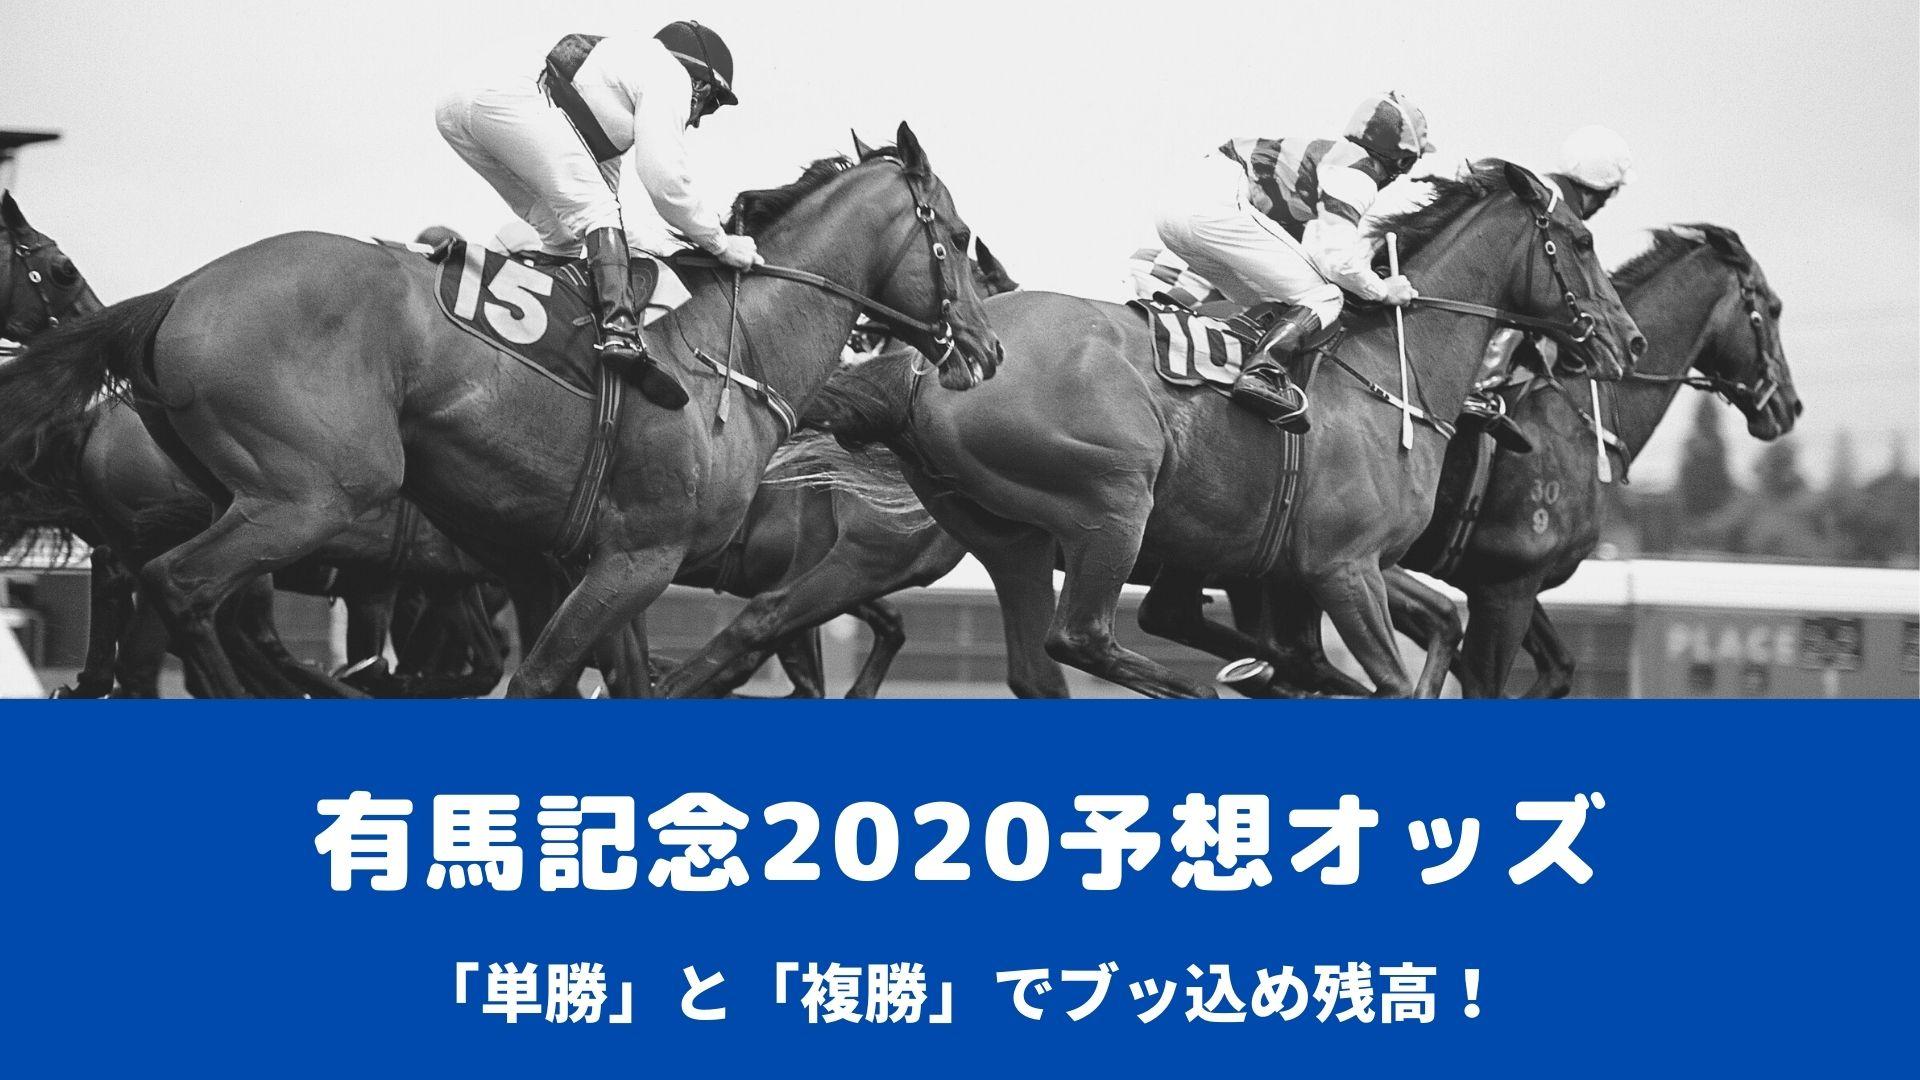 有馬記念2020のブックメメーカーオッズ